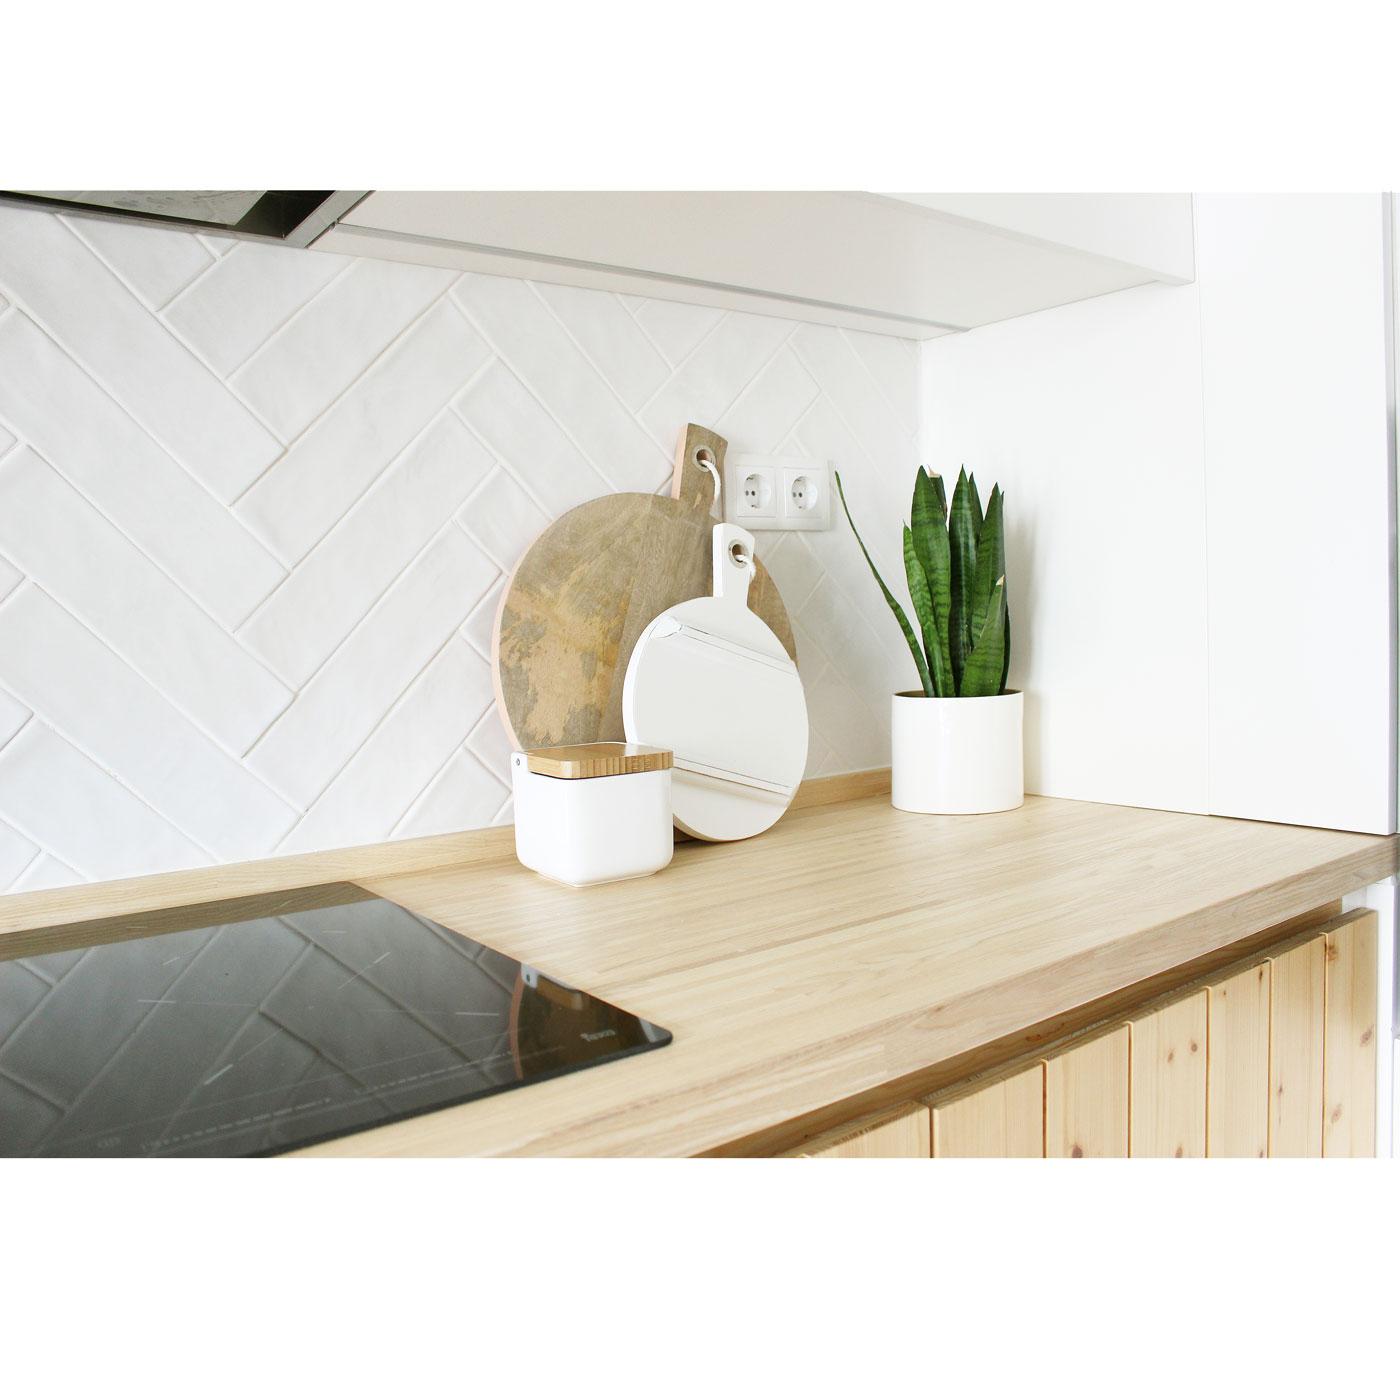 Tábua de cozinha em madeira manga, Ø25 cm